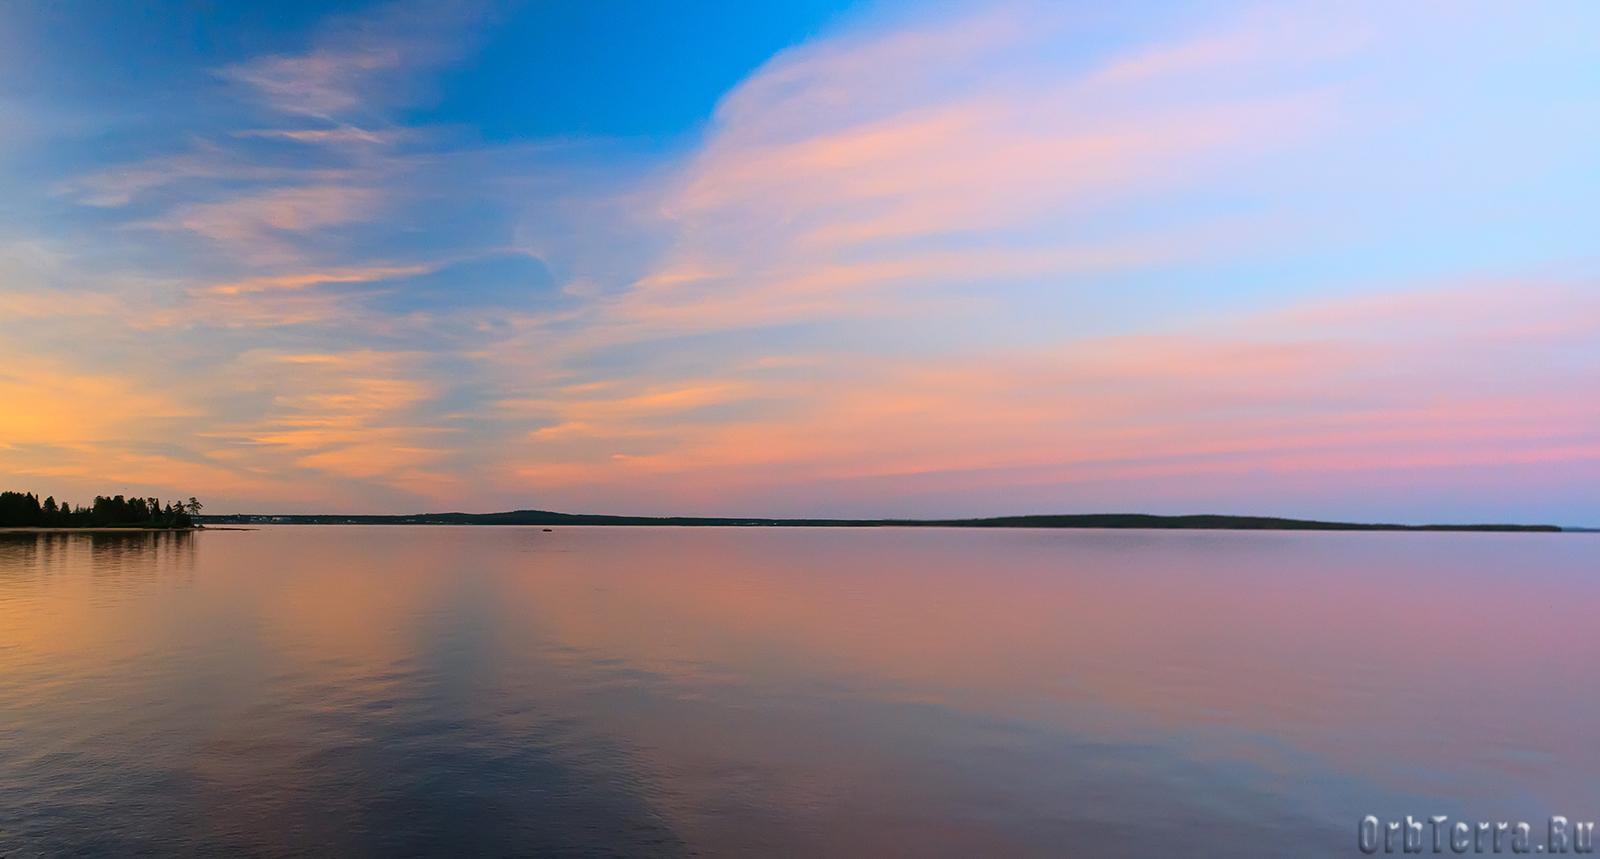 Озеро Среднее Куйто. Закат.